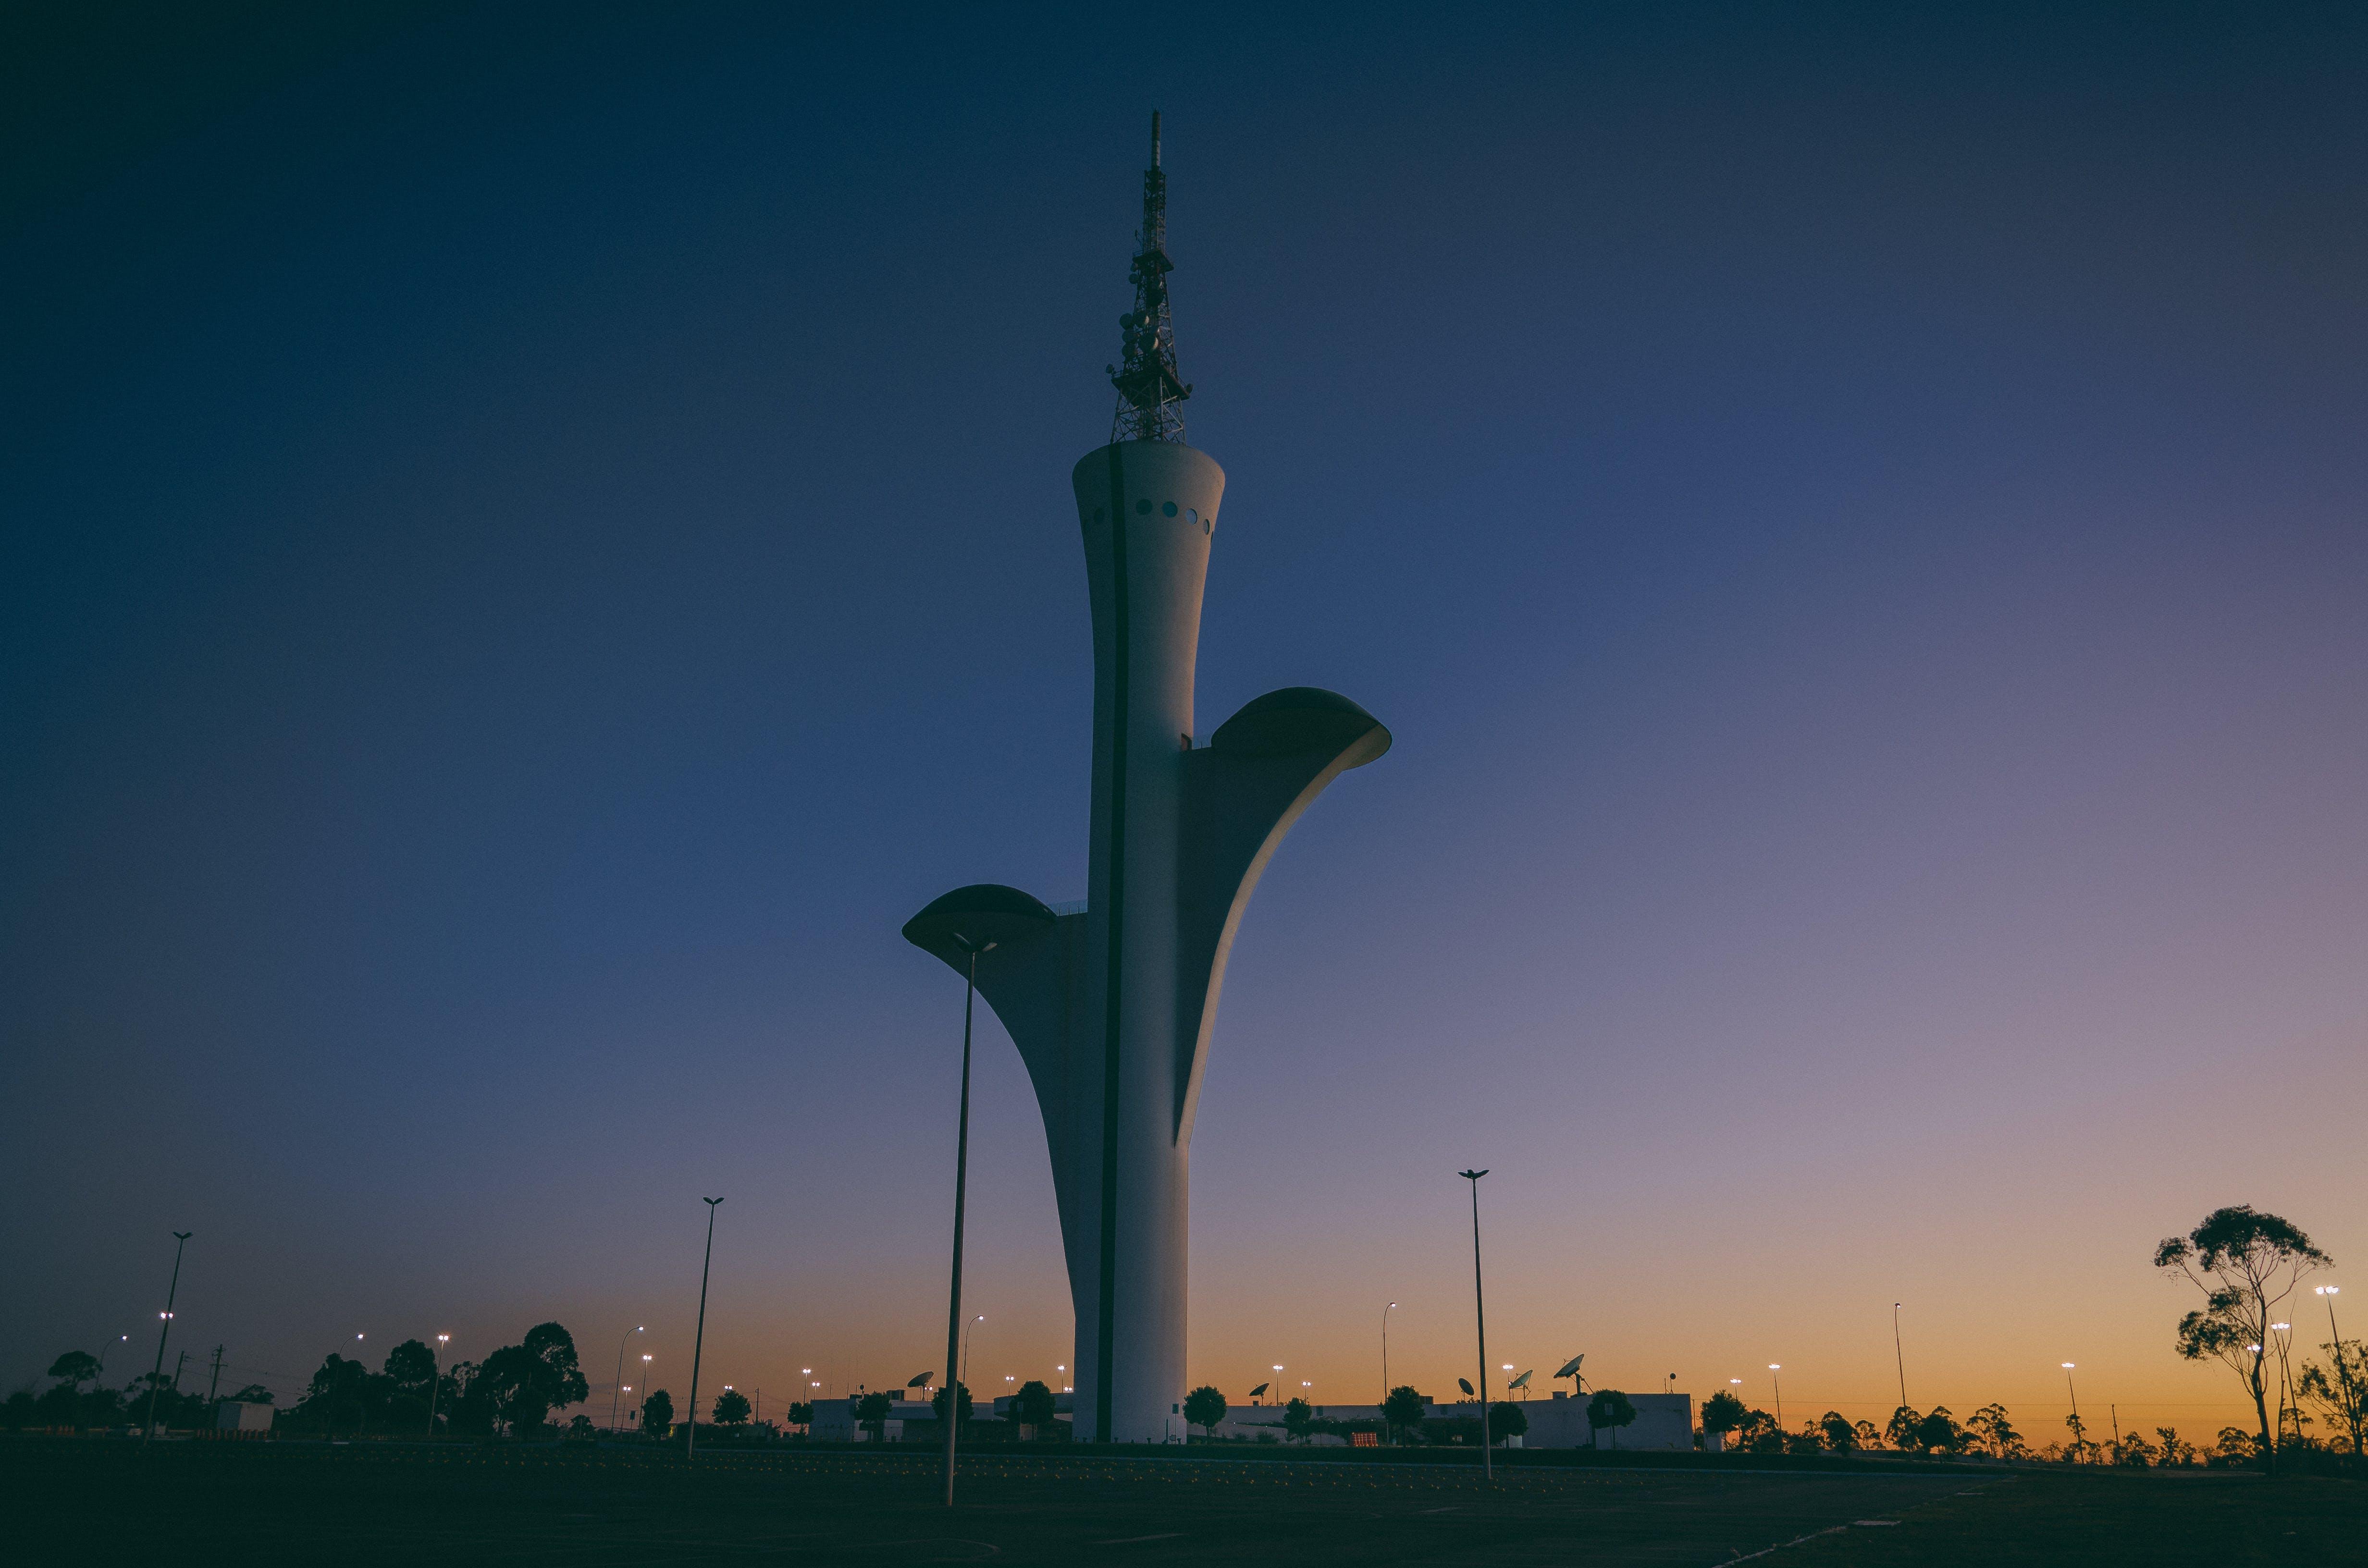 ゴールデンアワー, タワー, ダーク, モダンの無料の写真素材